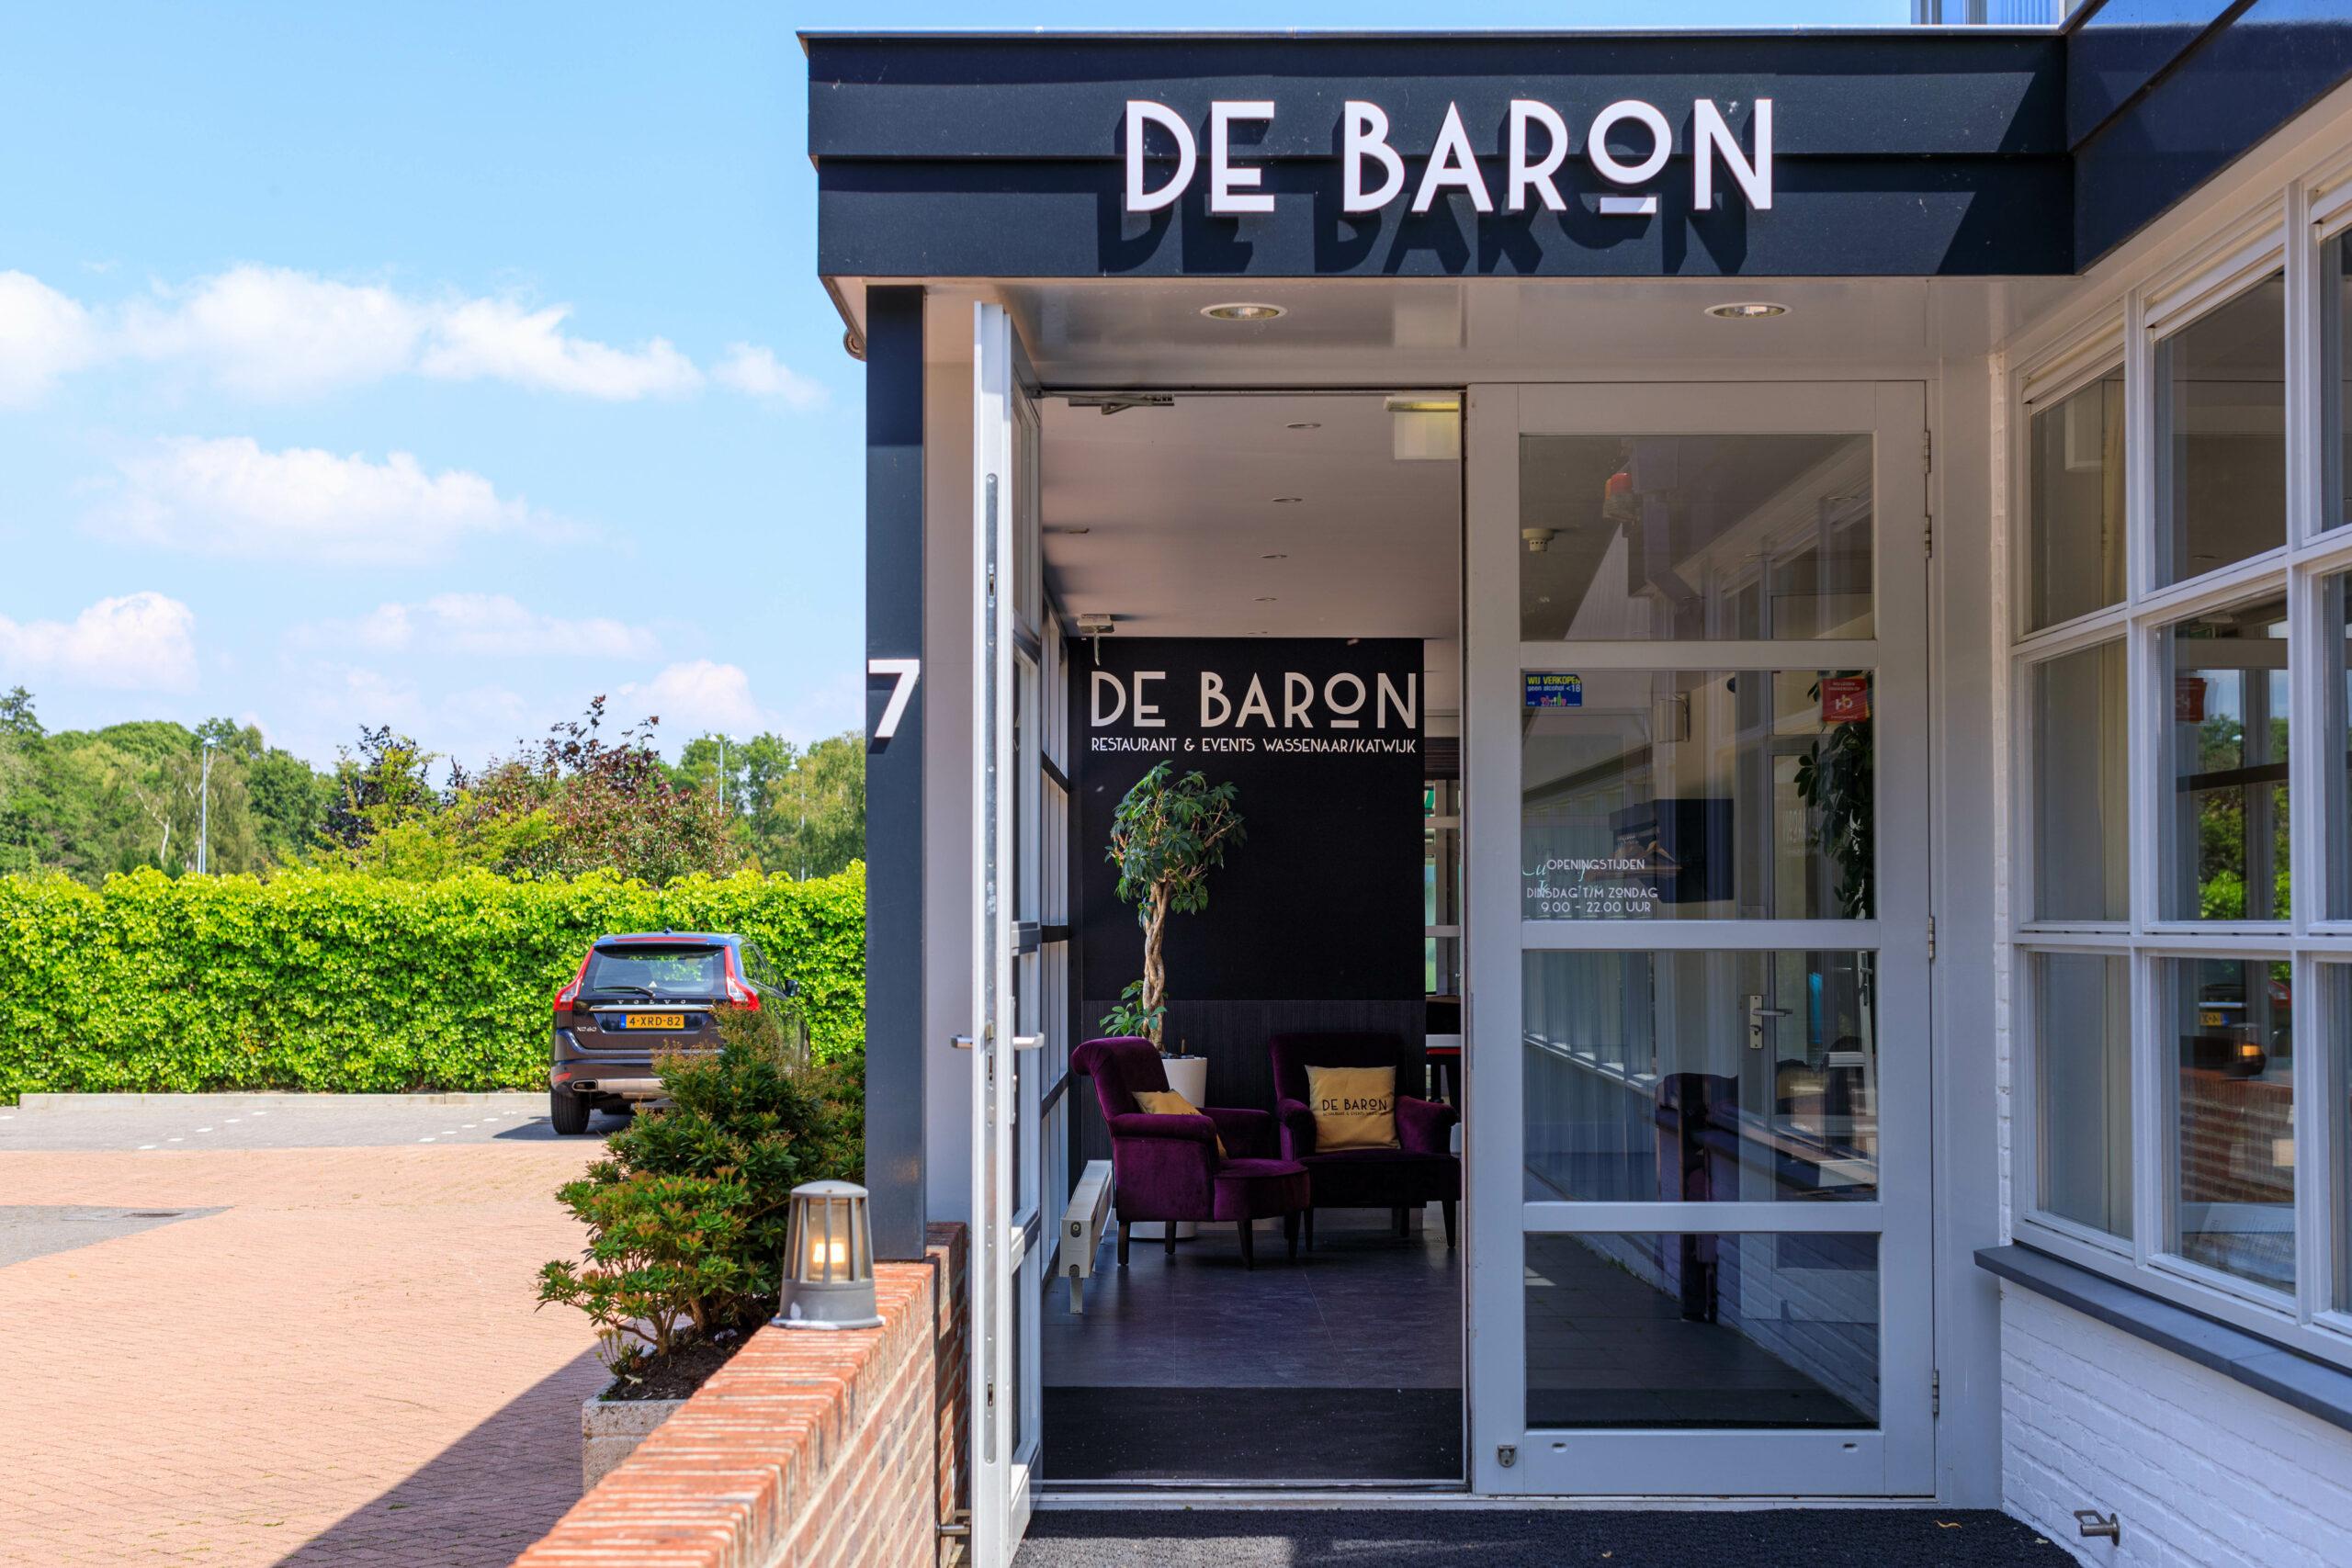 De Baron restaurant & events Wassenaar Ingang Welkom